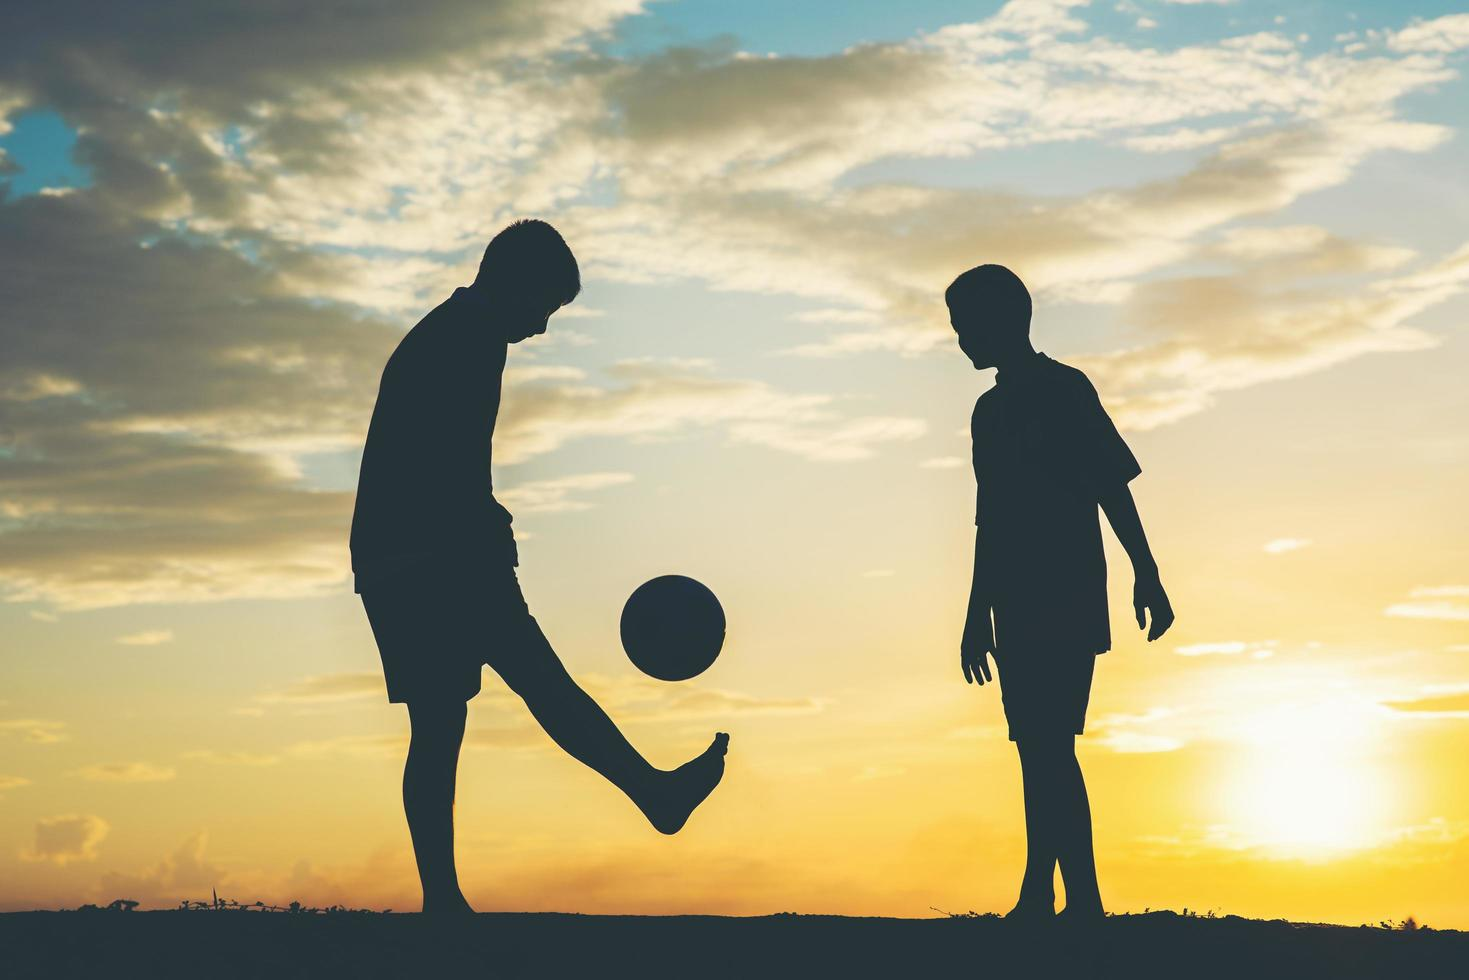 Silhouette von Kindern, die Fußball spielen foto